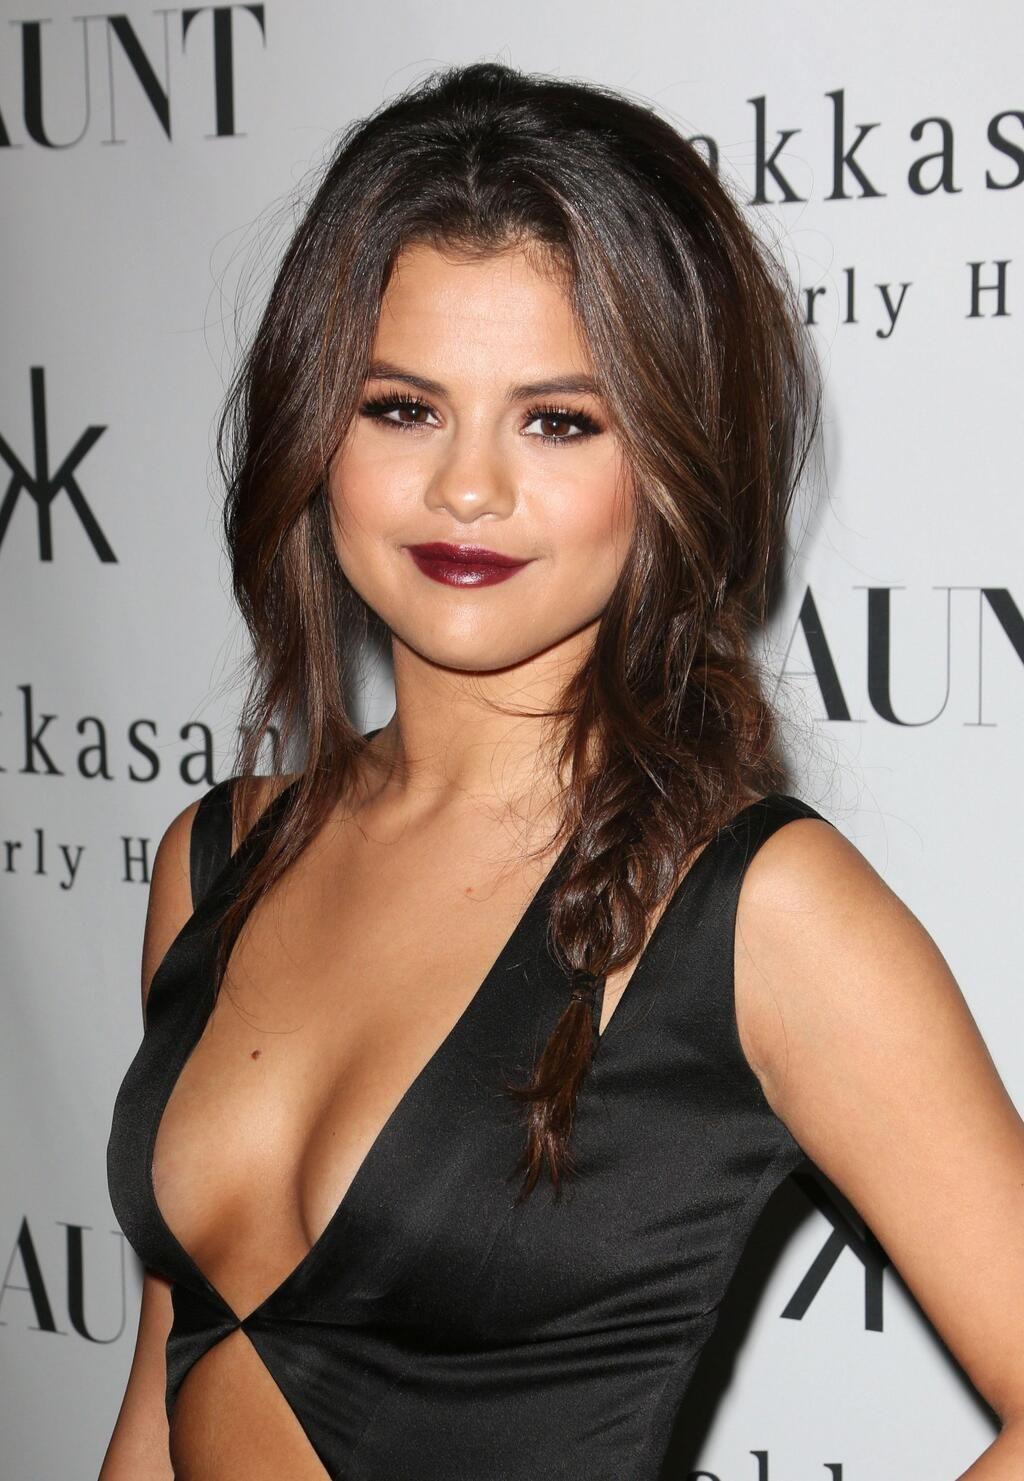 Twitter / Refinery29: Selena Gomez admits to a stint ...